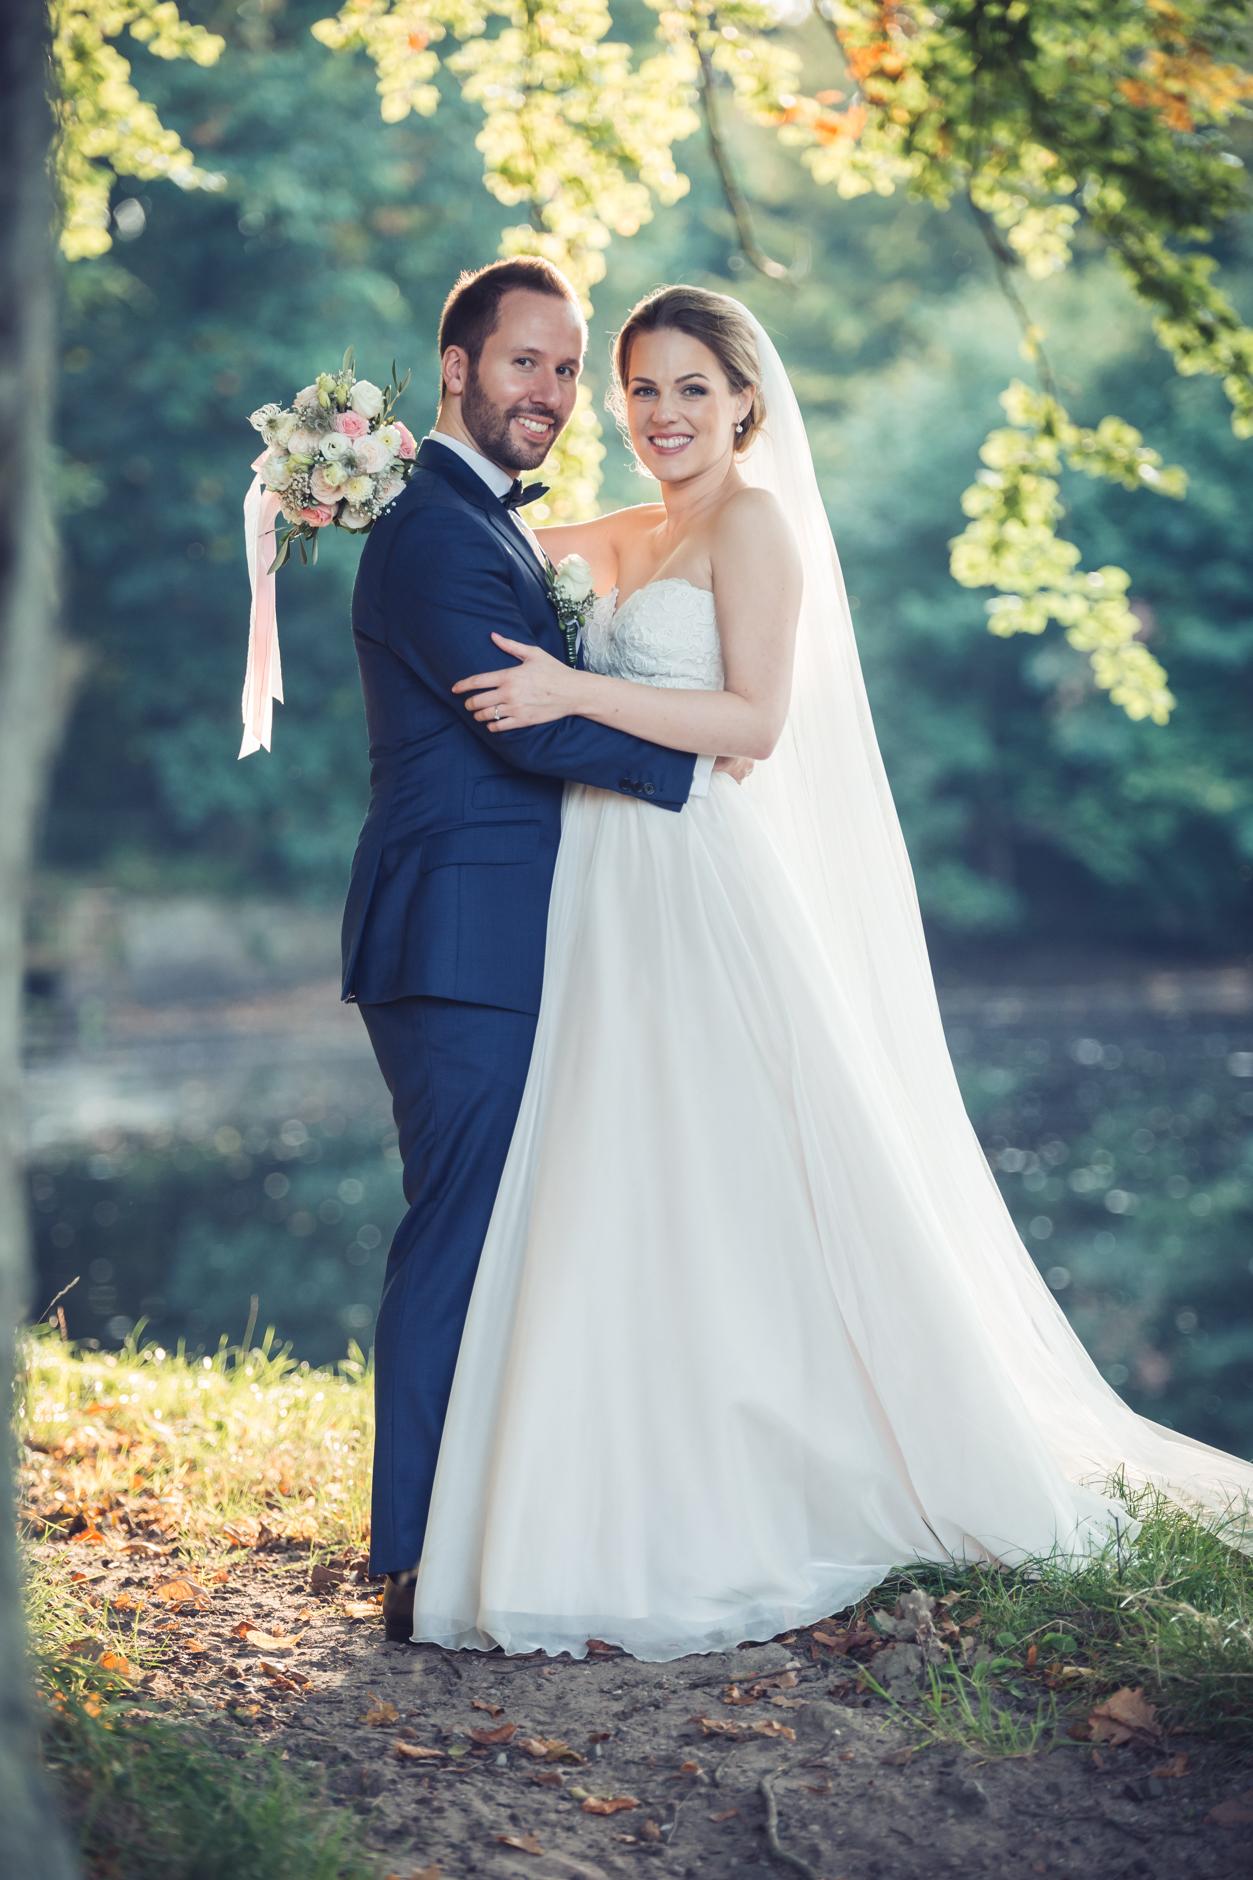 in der Stadt heiraten, heißt nicht auf Hochzeitsbilder in der Natur zu verzichten!